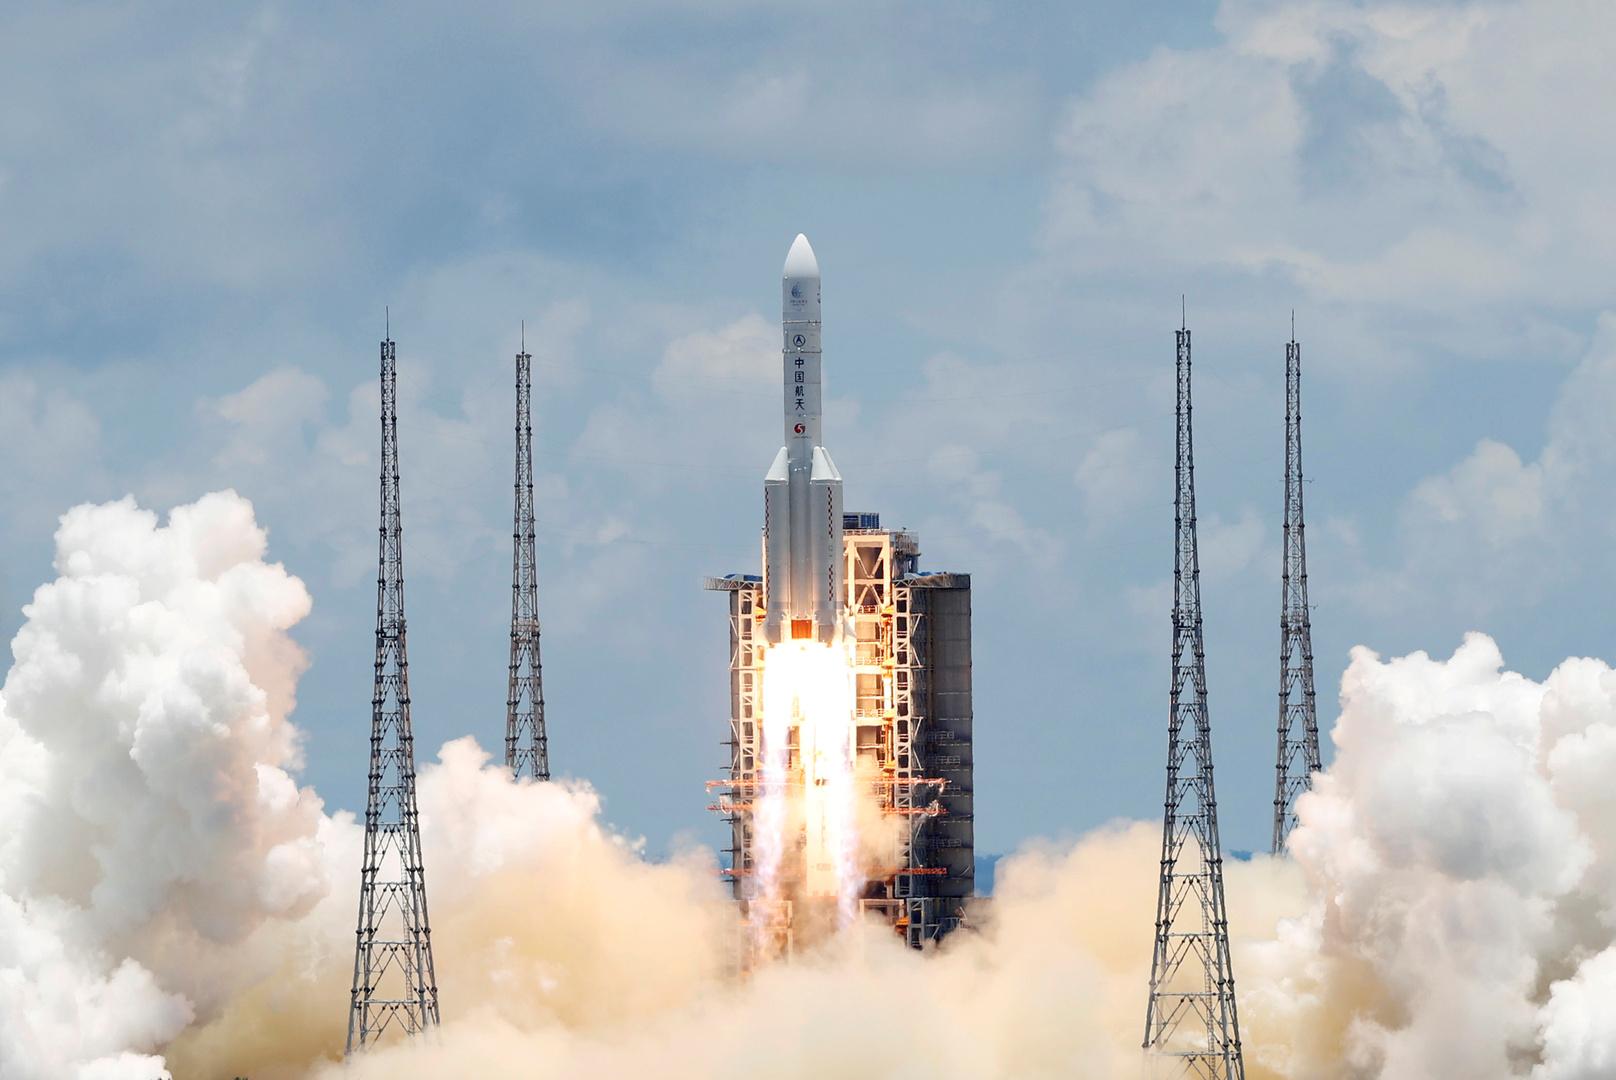 مسبار صيني خاص بدراسة المريخ يرسل للأرض أولى صوره للكوكب الأحمر(صورة)